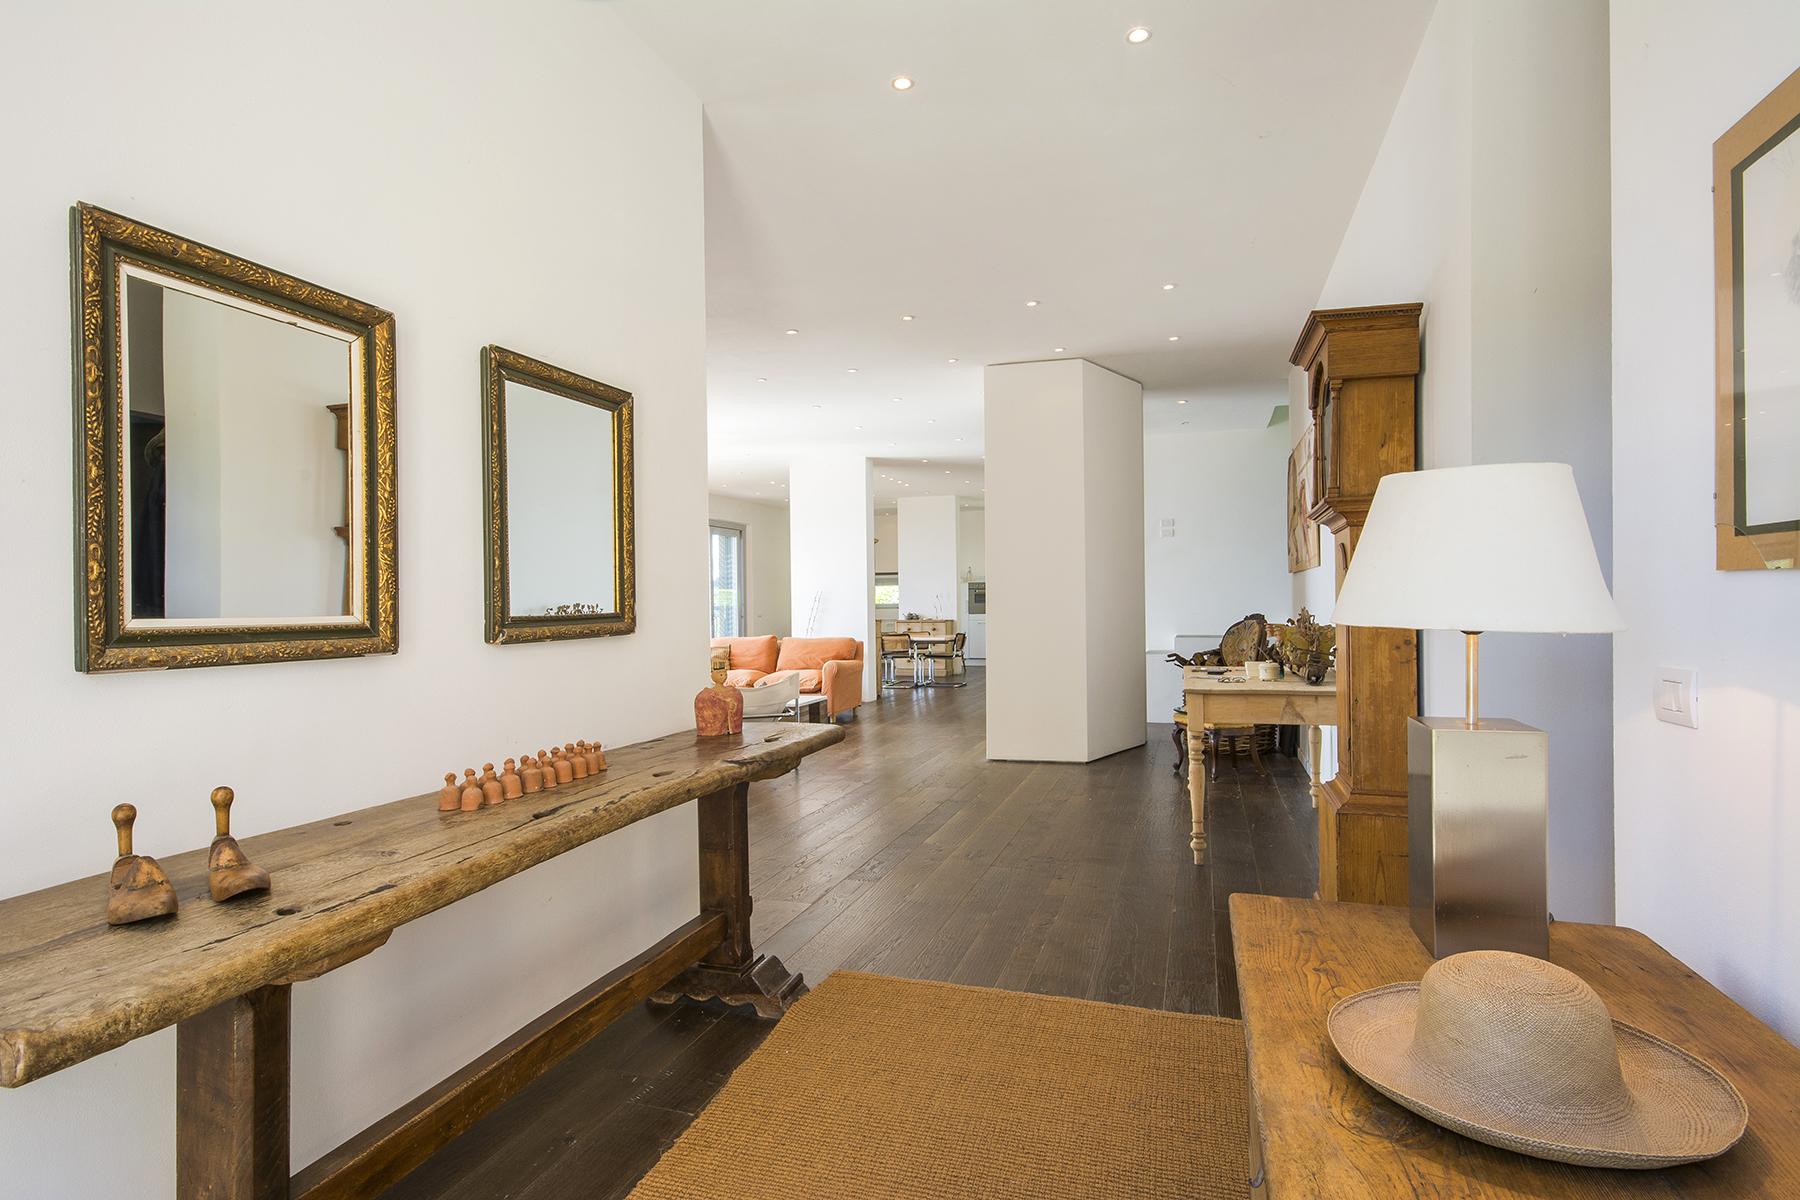 Casa indipendente in Vendita a Lisciano Niccone: 5 locali, 414 mq - Foto 18